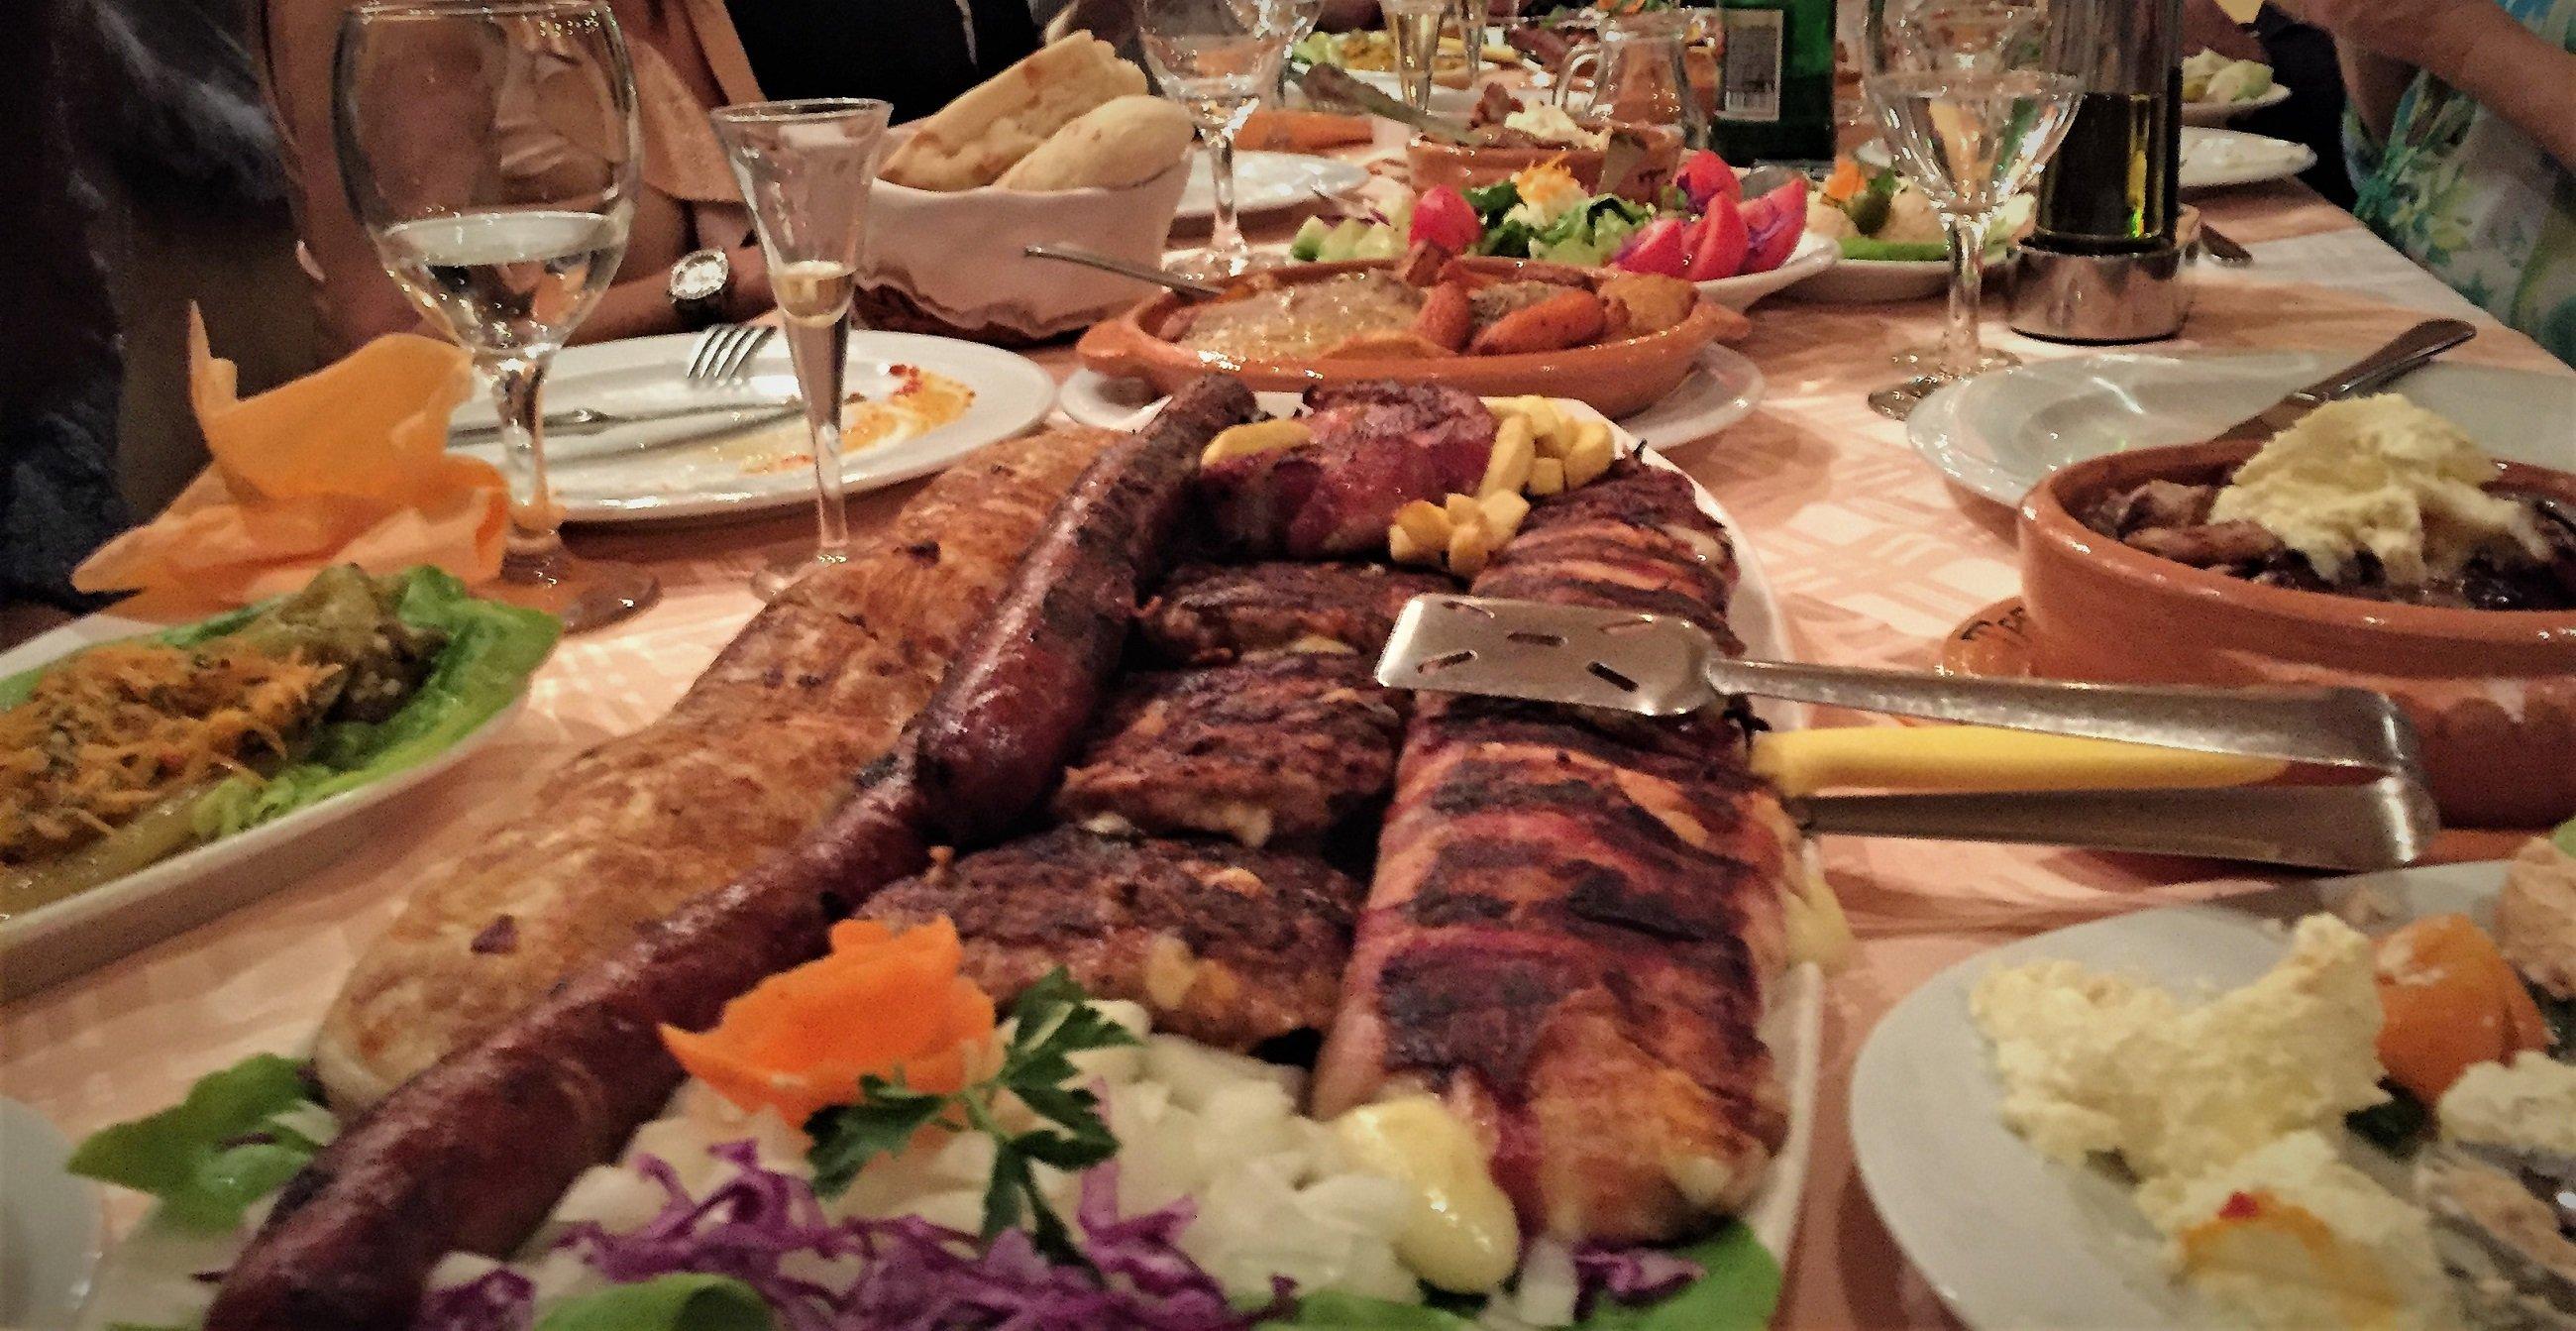 Hauptgänge in tradtionellen Restaurants bestehen vorwiegend aus Fleisch.